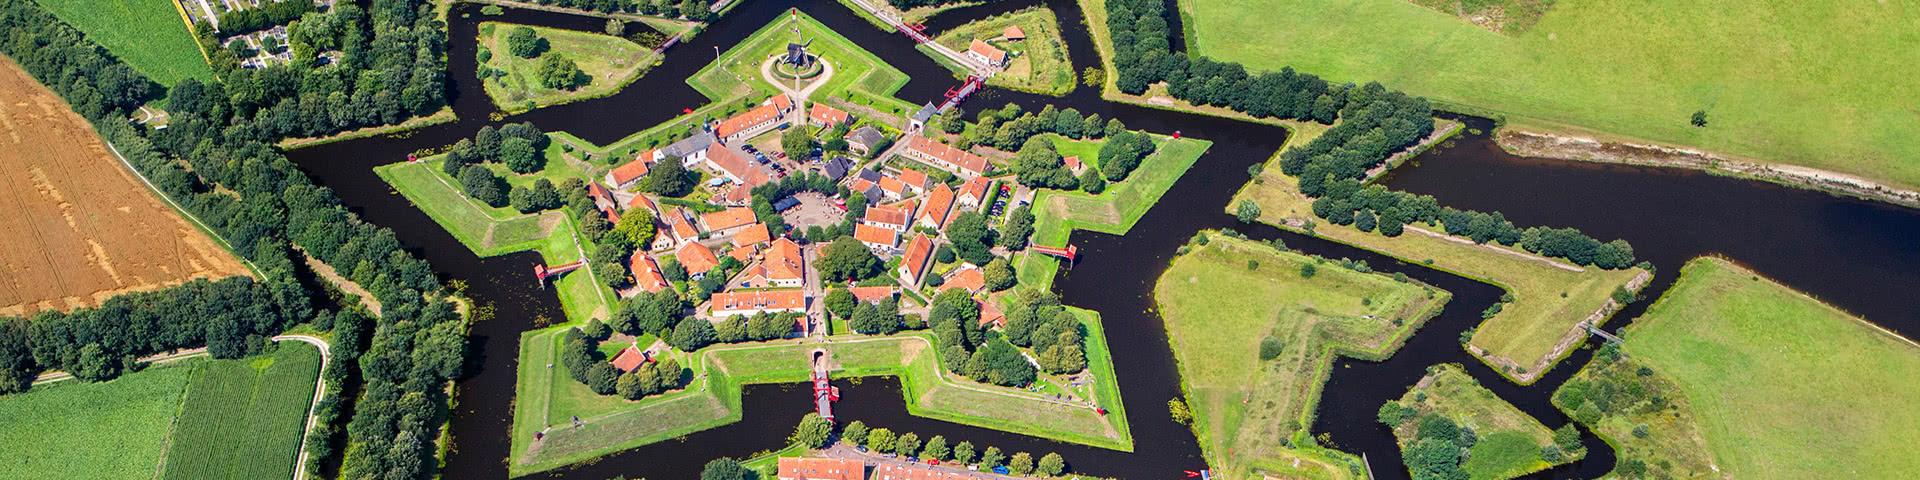 Luftansicht Festung Bourtange